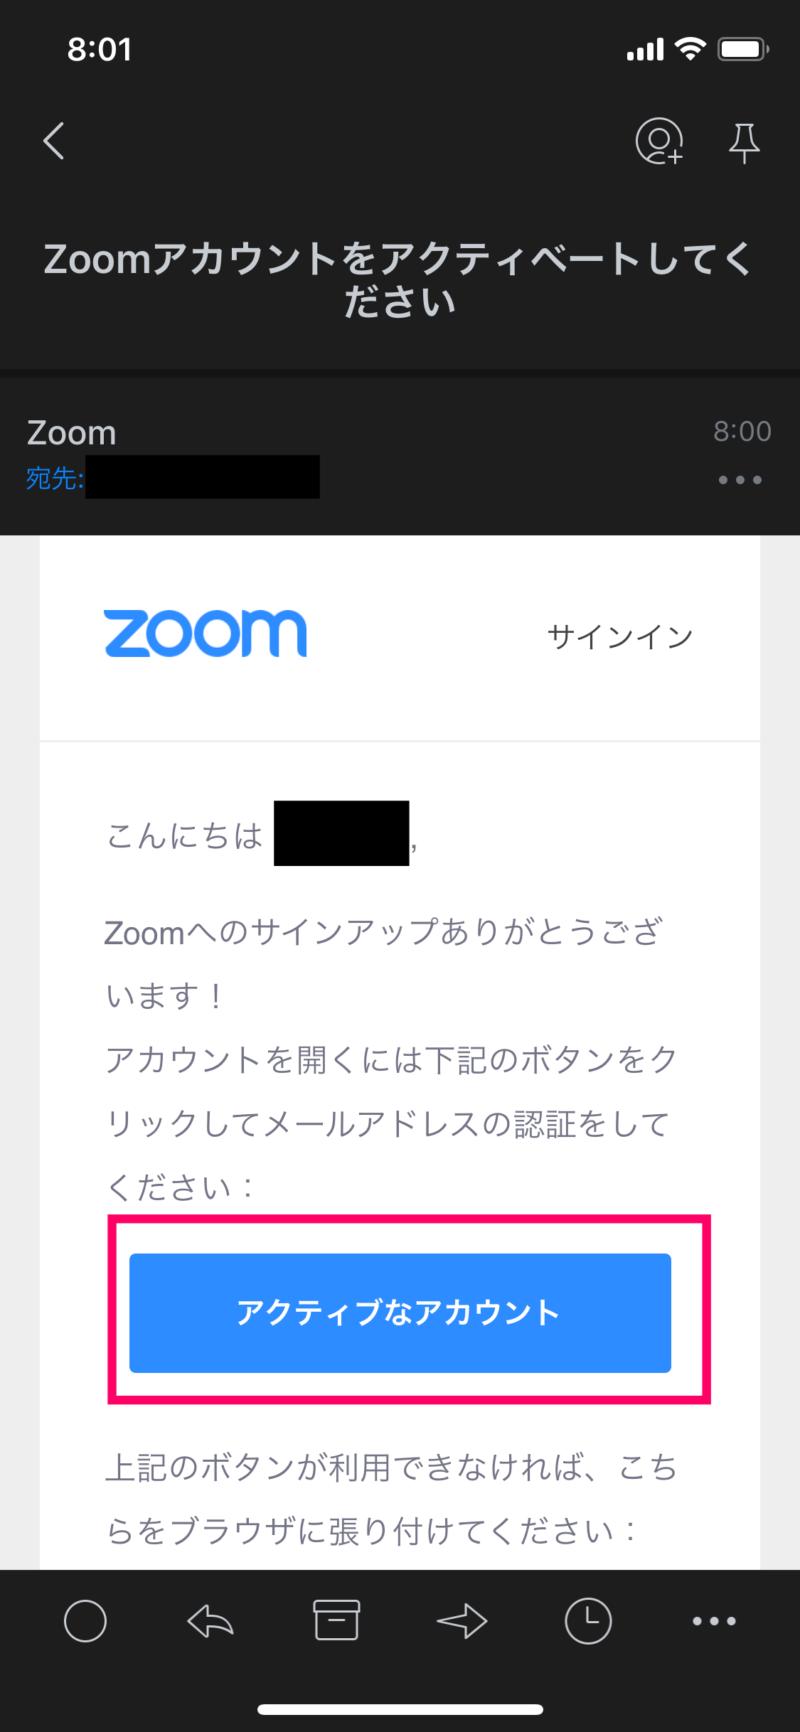 スマホアプリ版ズームで新規登録する方法05